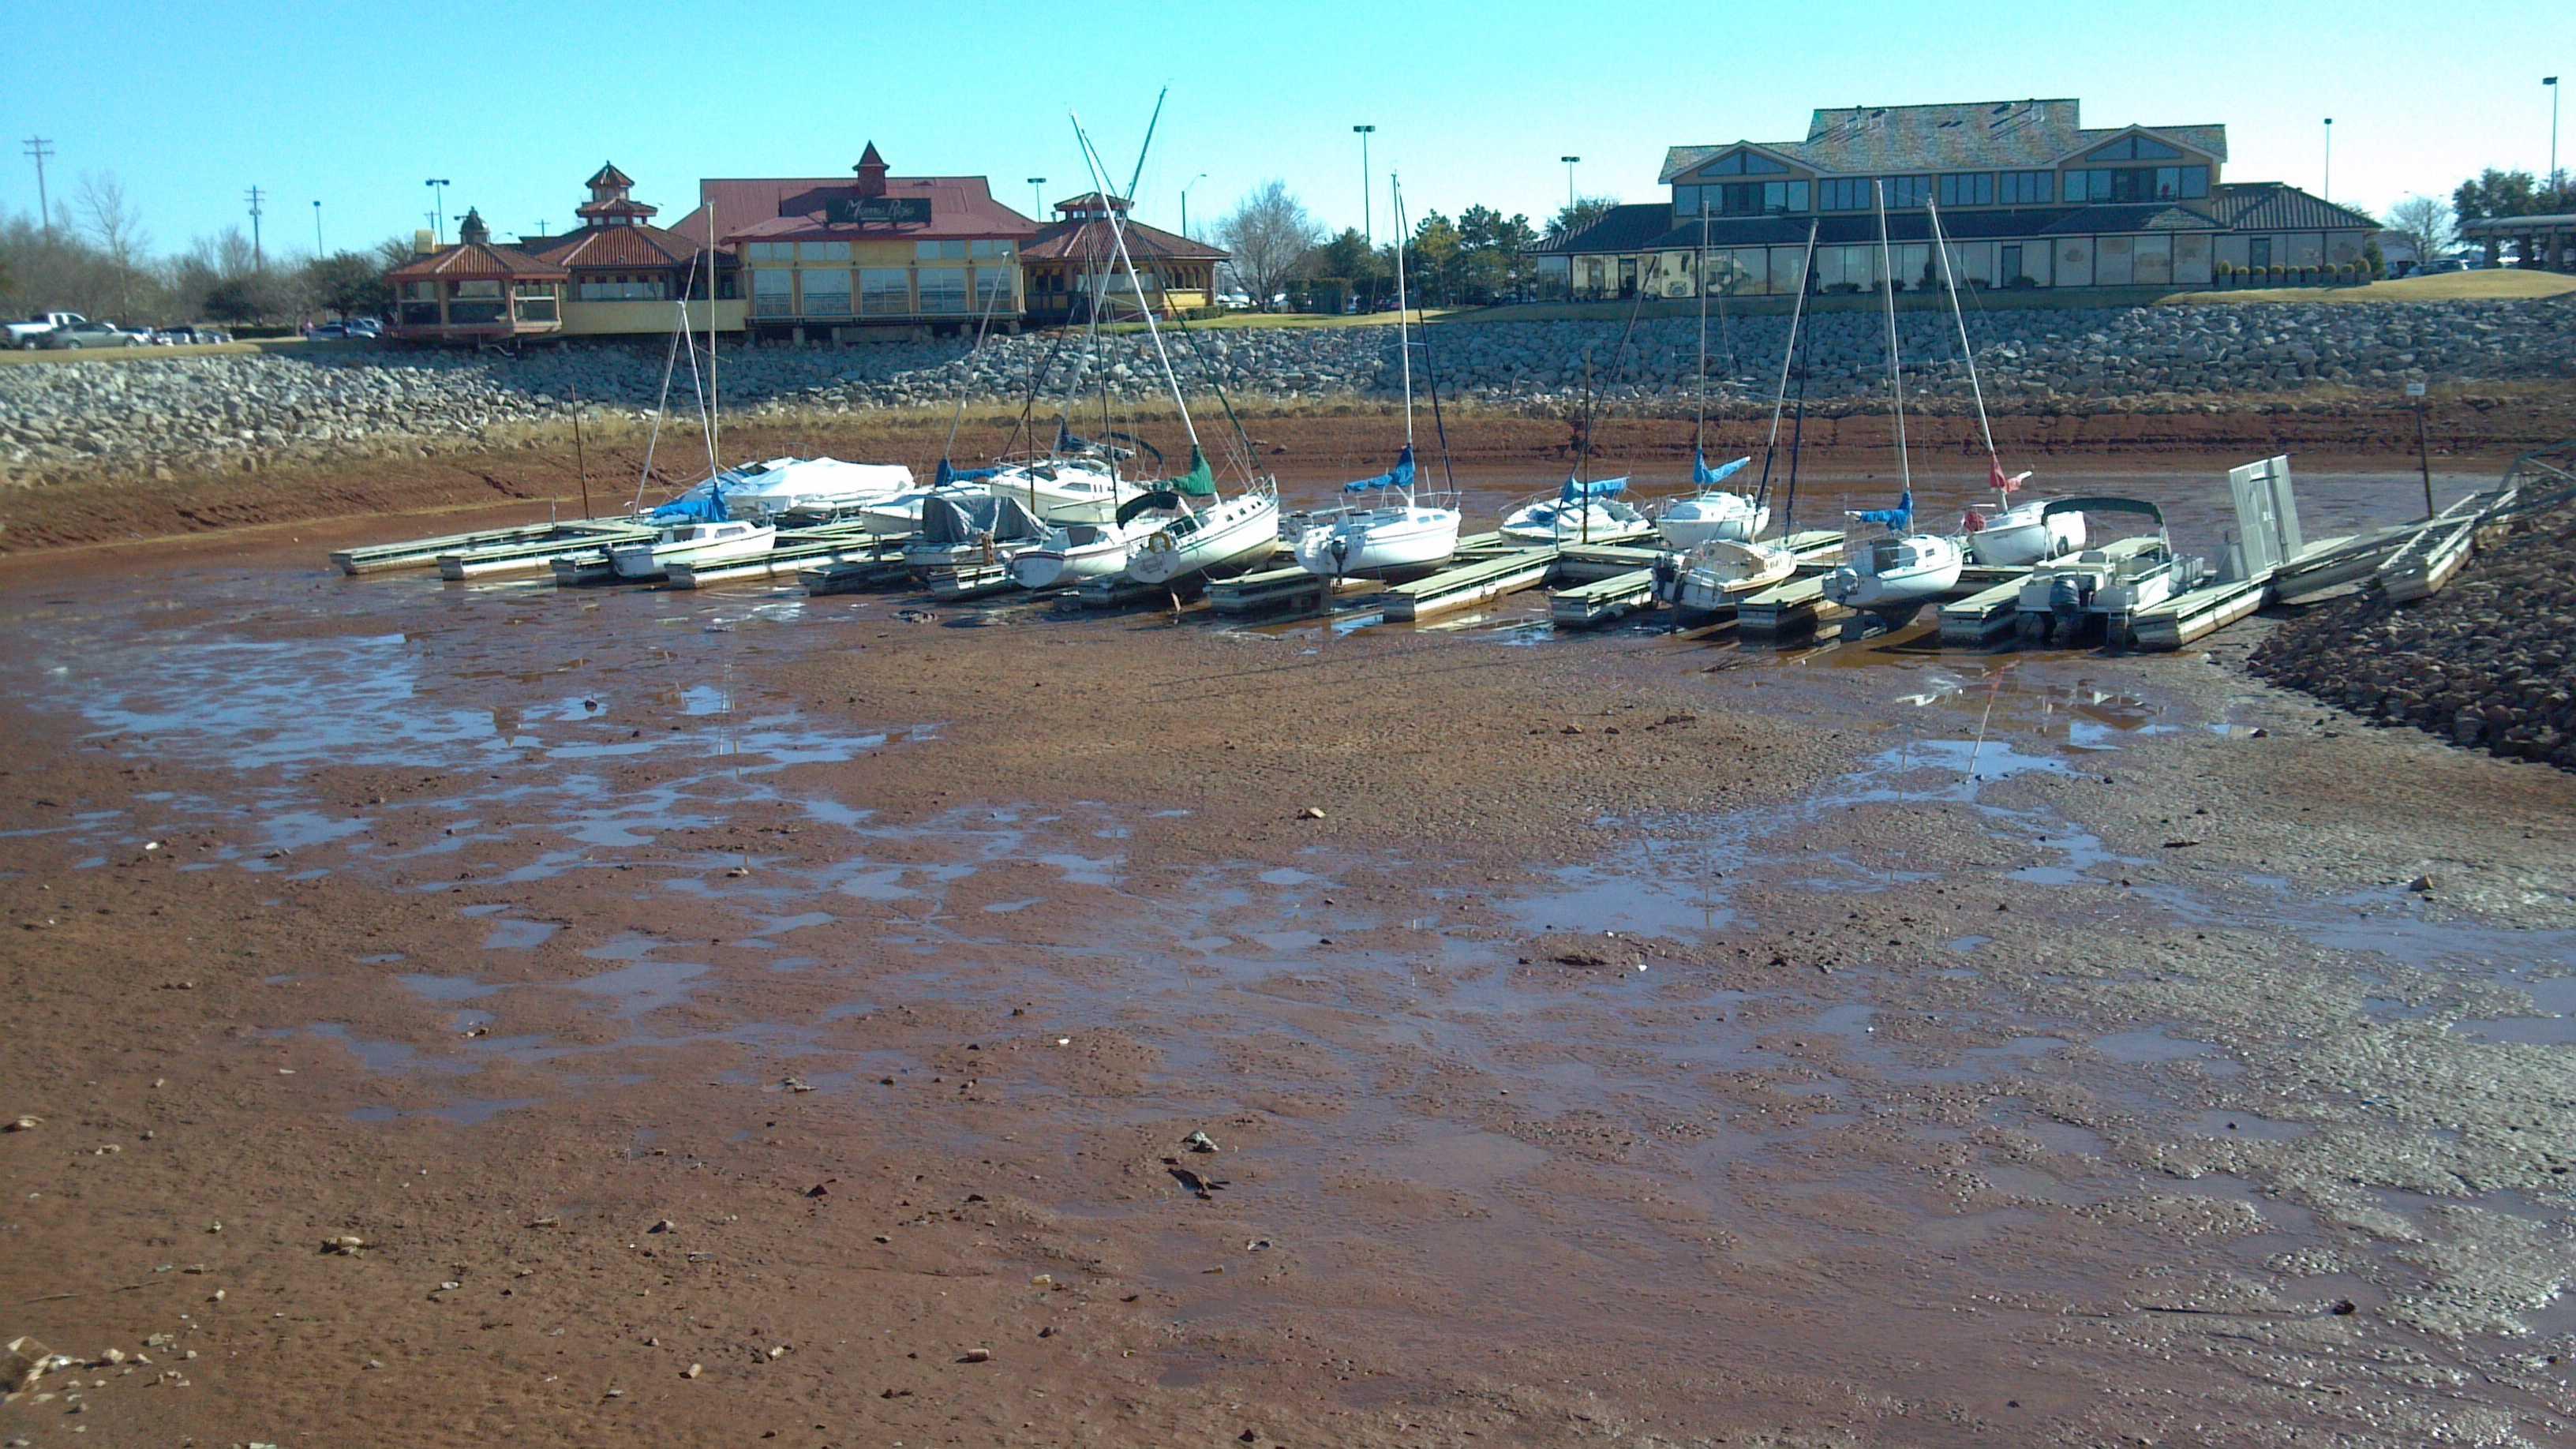 Lake Hefner dried up